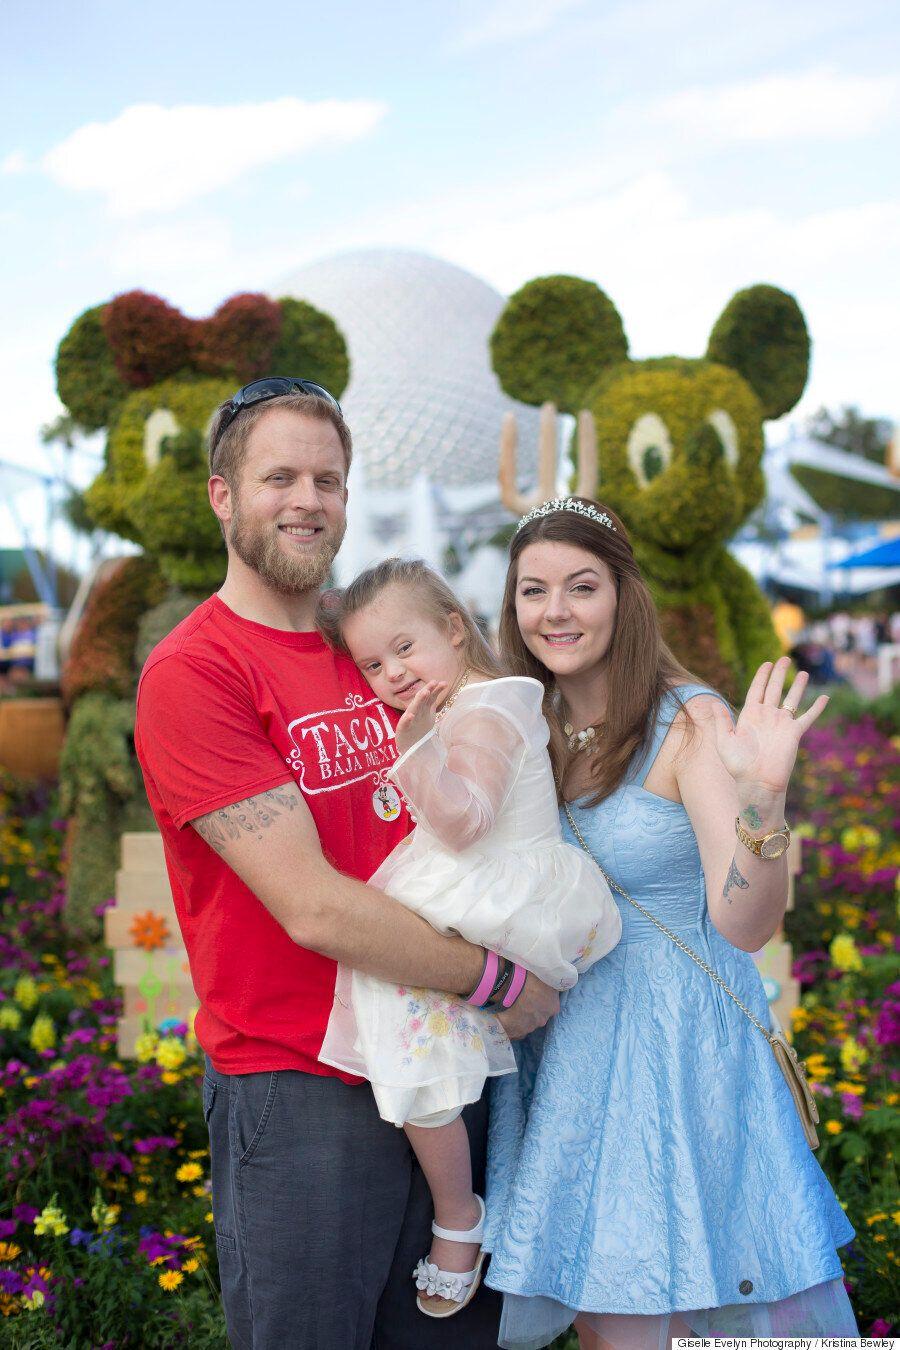 Le foto Disney di questa bambina Down mostrano che